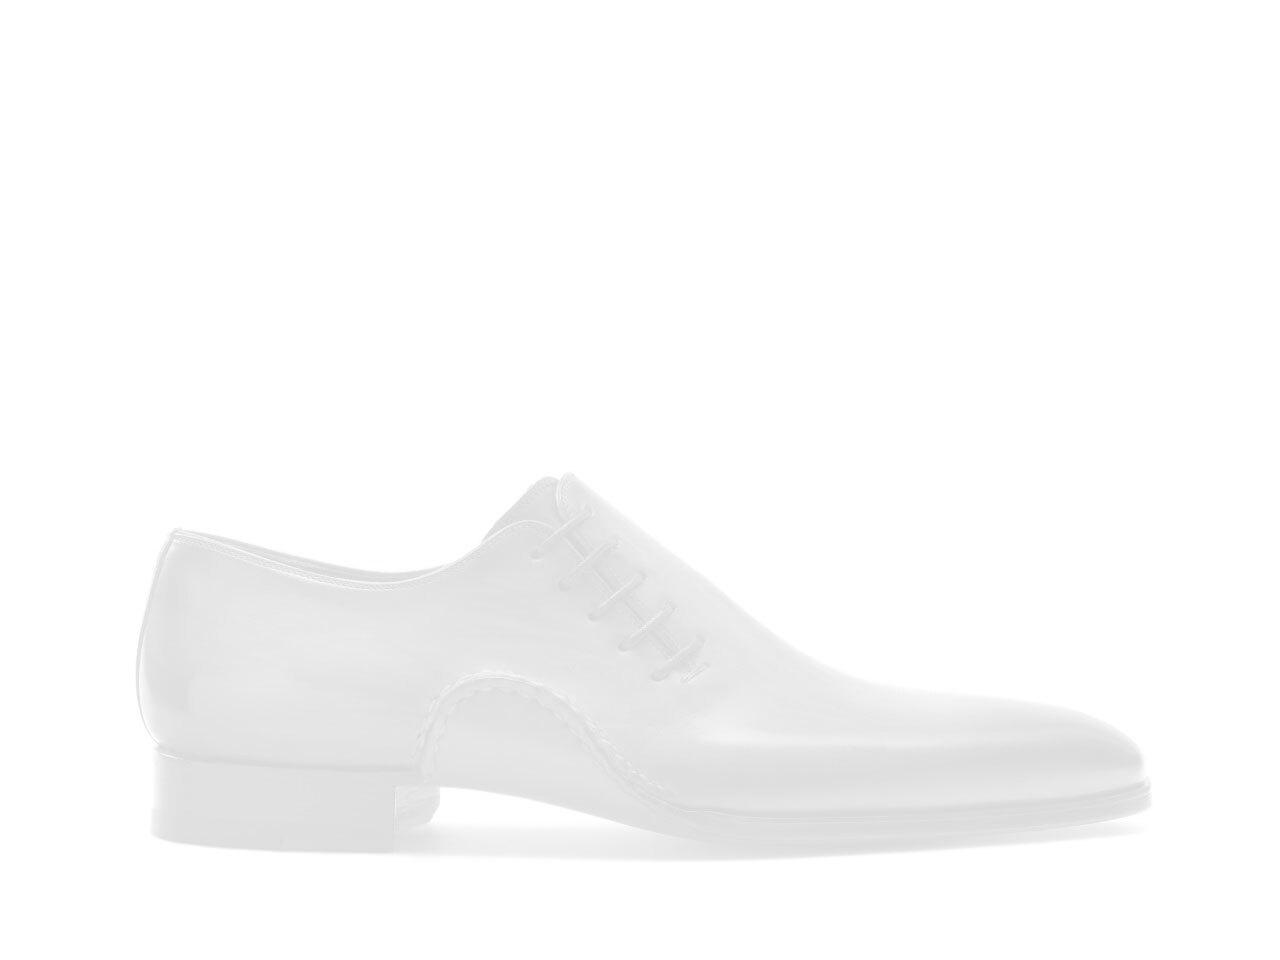 Sole of the Magnanni Vino Black Men's Velvet Loafers